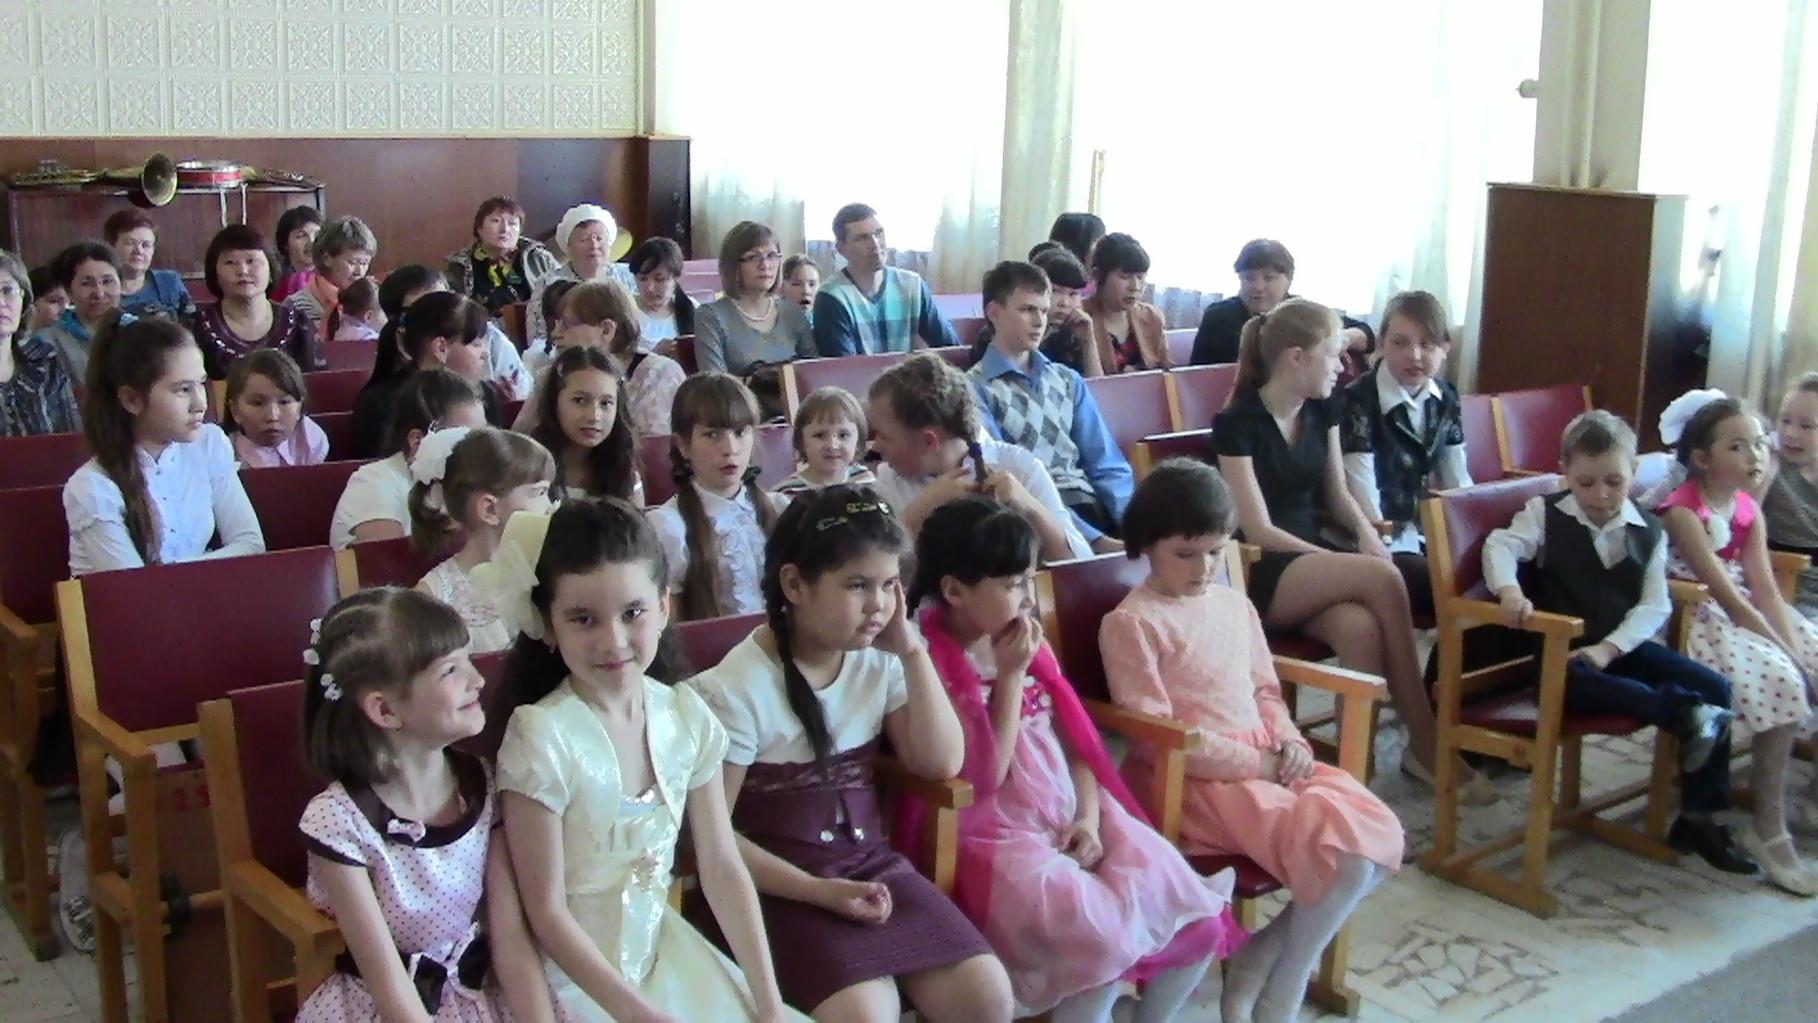 Отчётный концерт фортепианного отделения 18.04.14